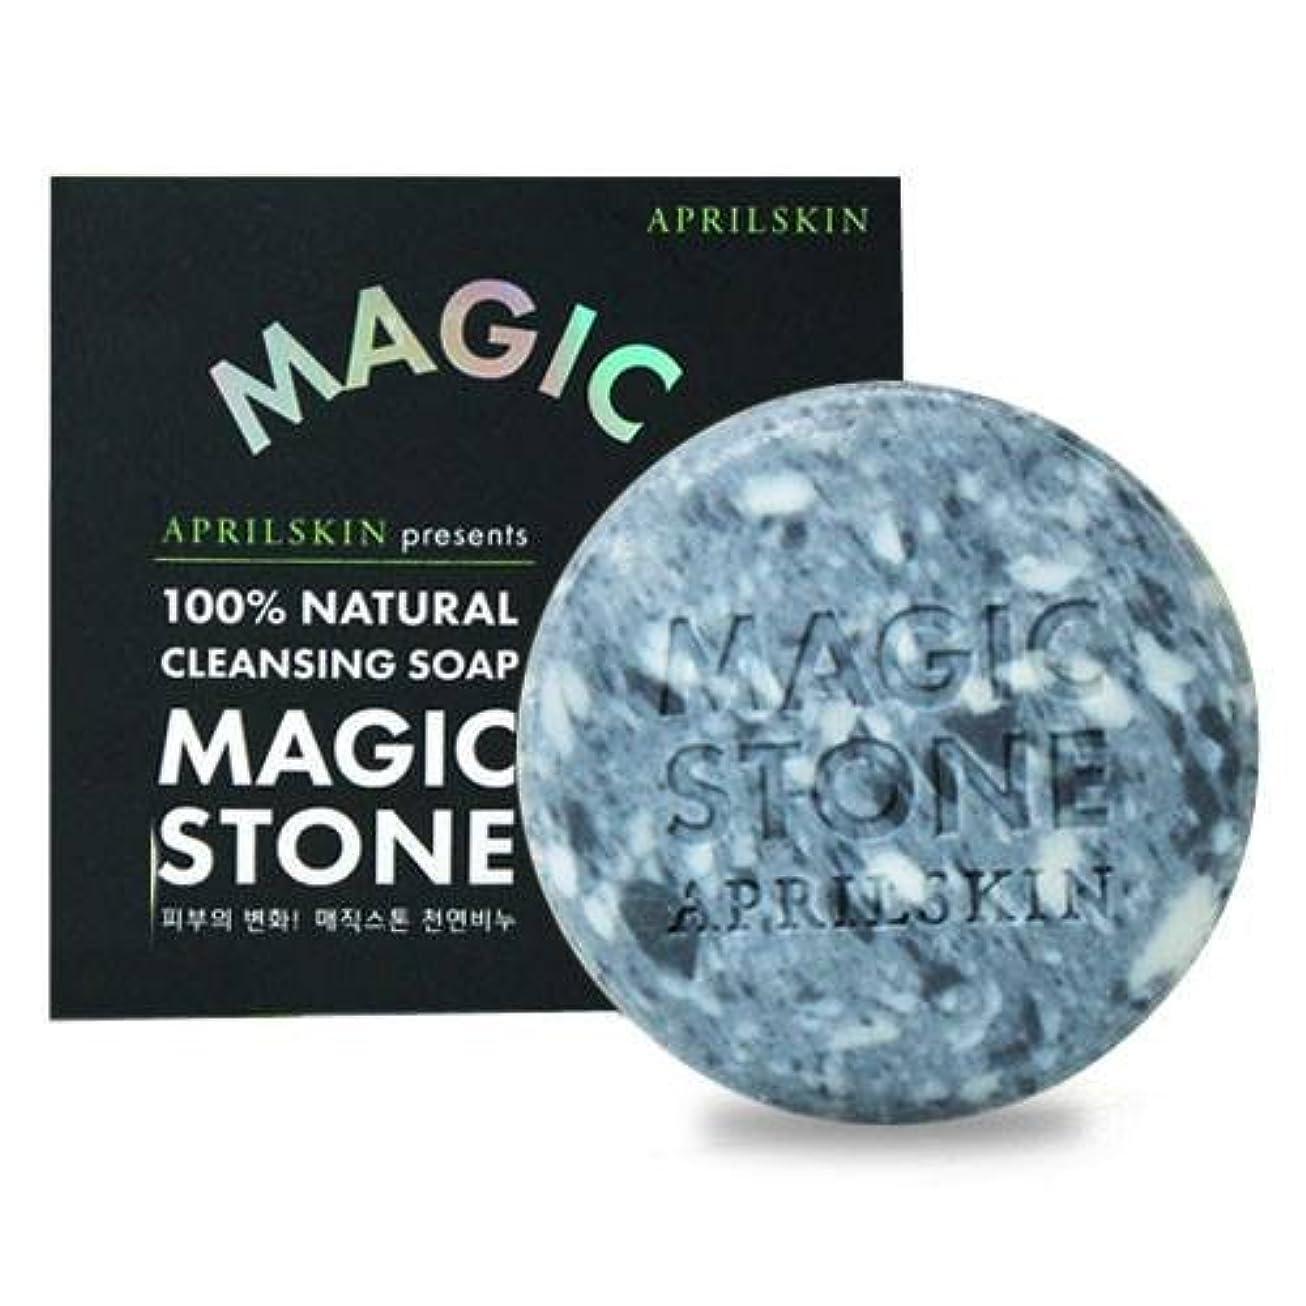 テスピアン親リットル[APRILSKIN] エイプリルスキン国民石鹸 (APRIL SKIN magic stone マジックストーンのリニューアルバージョン新発売) (ORIGINAL) [並行輸入品]